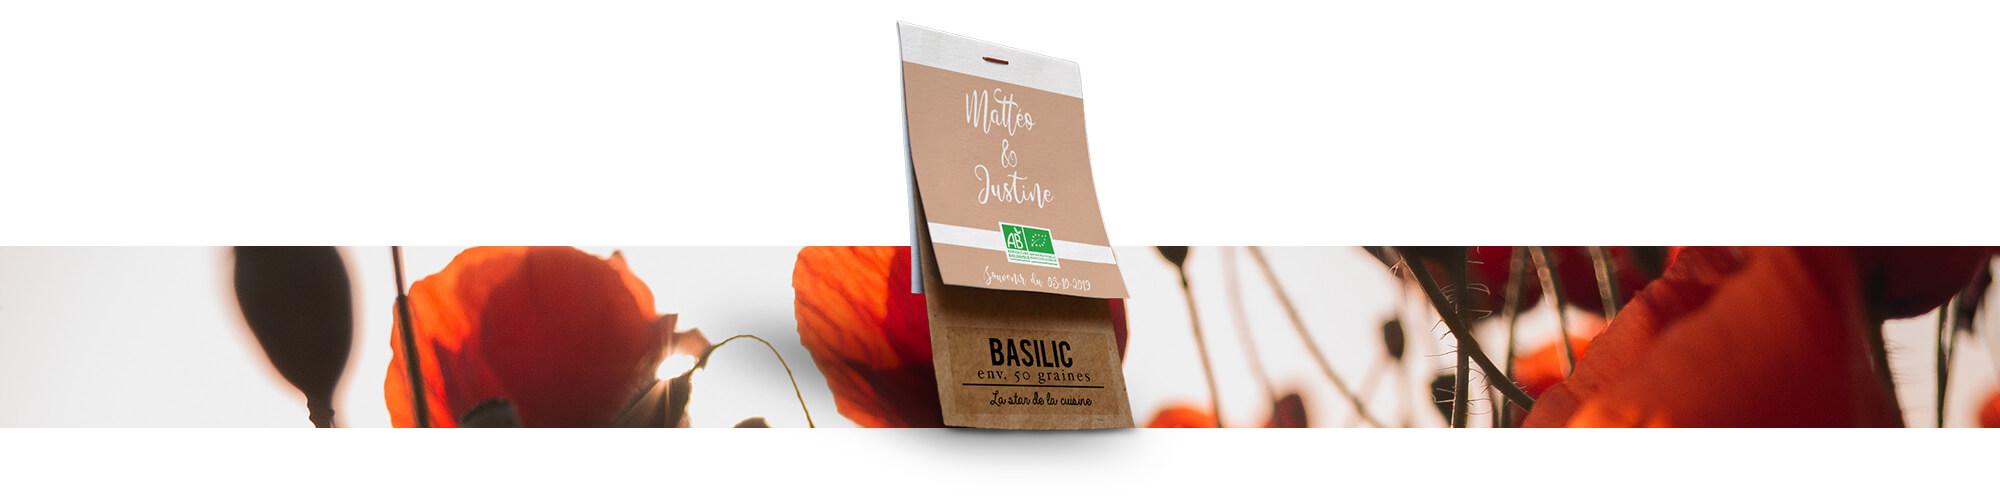 Cadeau de mariage personalisé - Sachets de graines Bio Dr. Jonquille & Mr. Ail